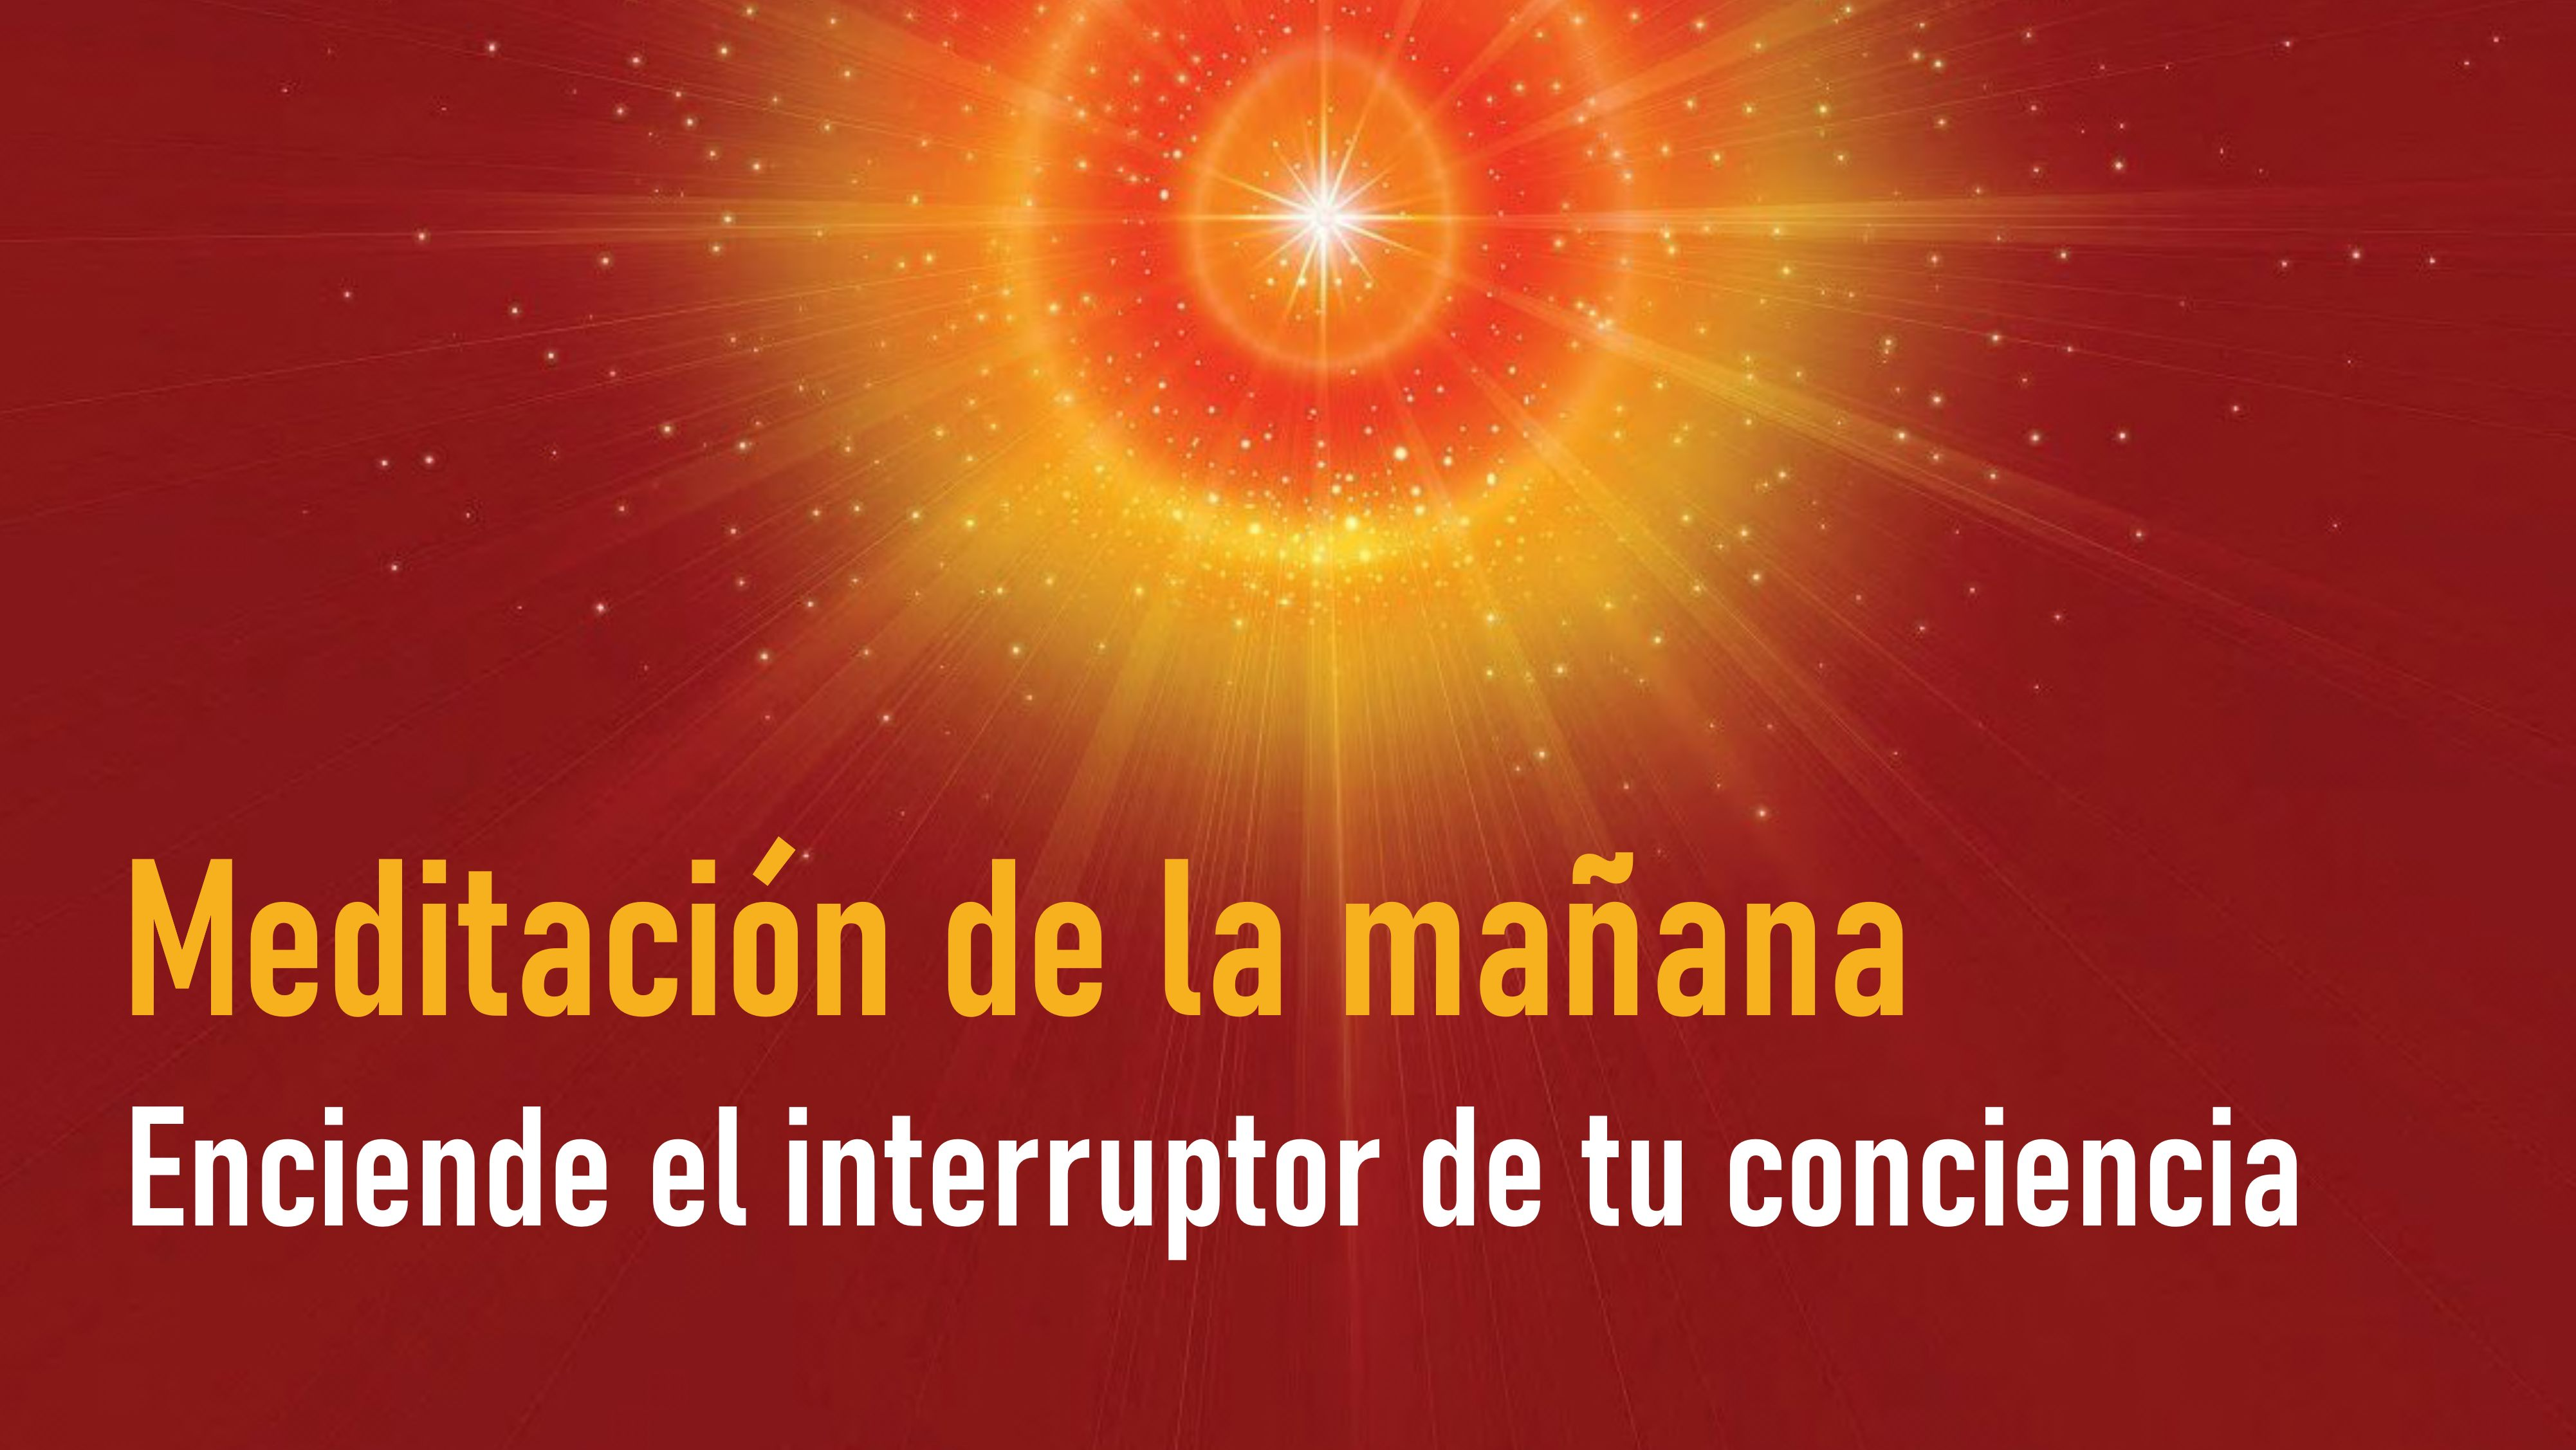 Meditación de la mañana: Enciende el interruptor de tu conciencia (17 Septiembre 2020)